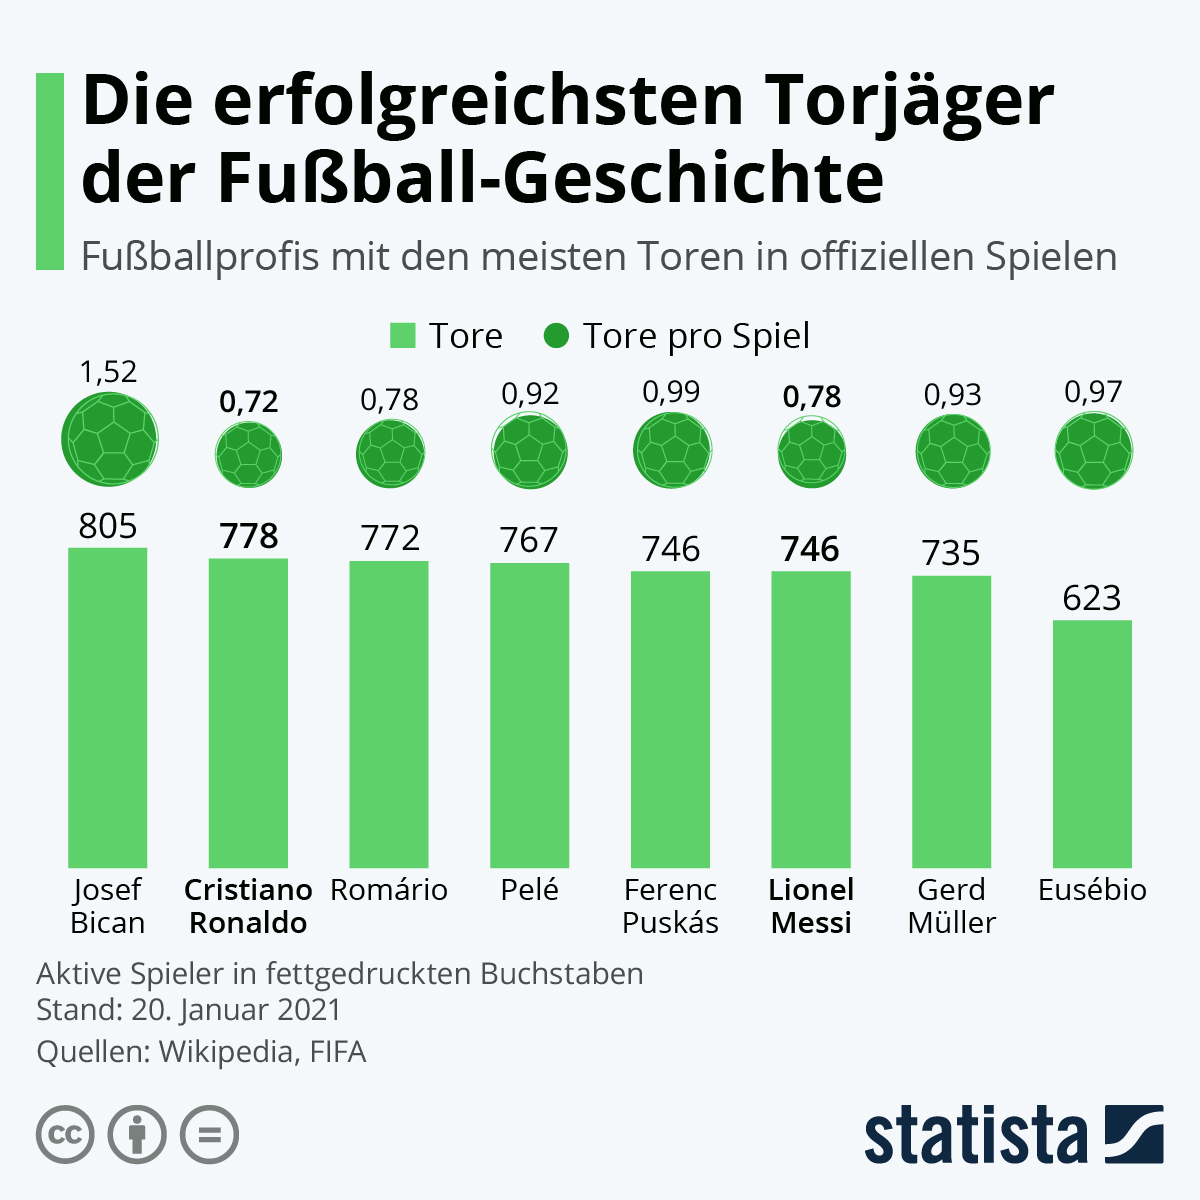 Infografik: Die erfolgreichsten Torjäger der Fußball-Geschichte | Statista